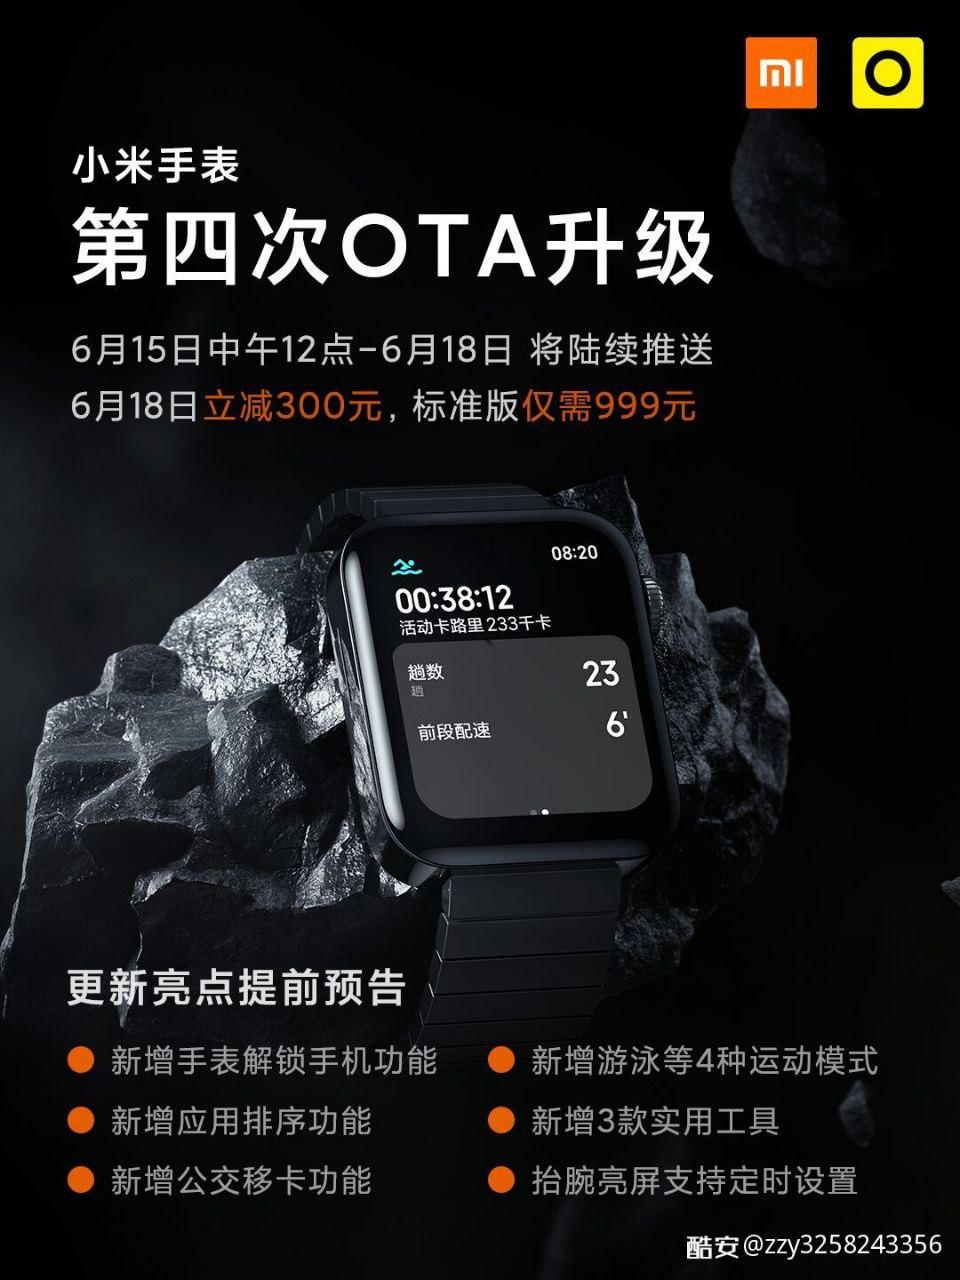 El Xiaomi Mi Watch se actualiza añadiendo nuevos modos deportivos y desbloqueo de cerraduras. Noticias Xiaomi Adictos